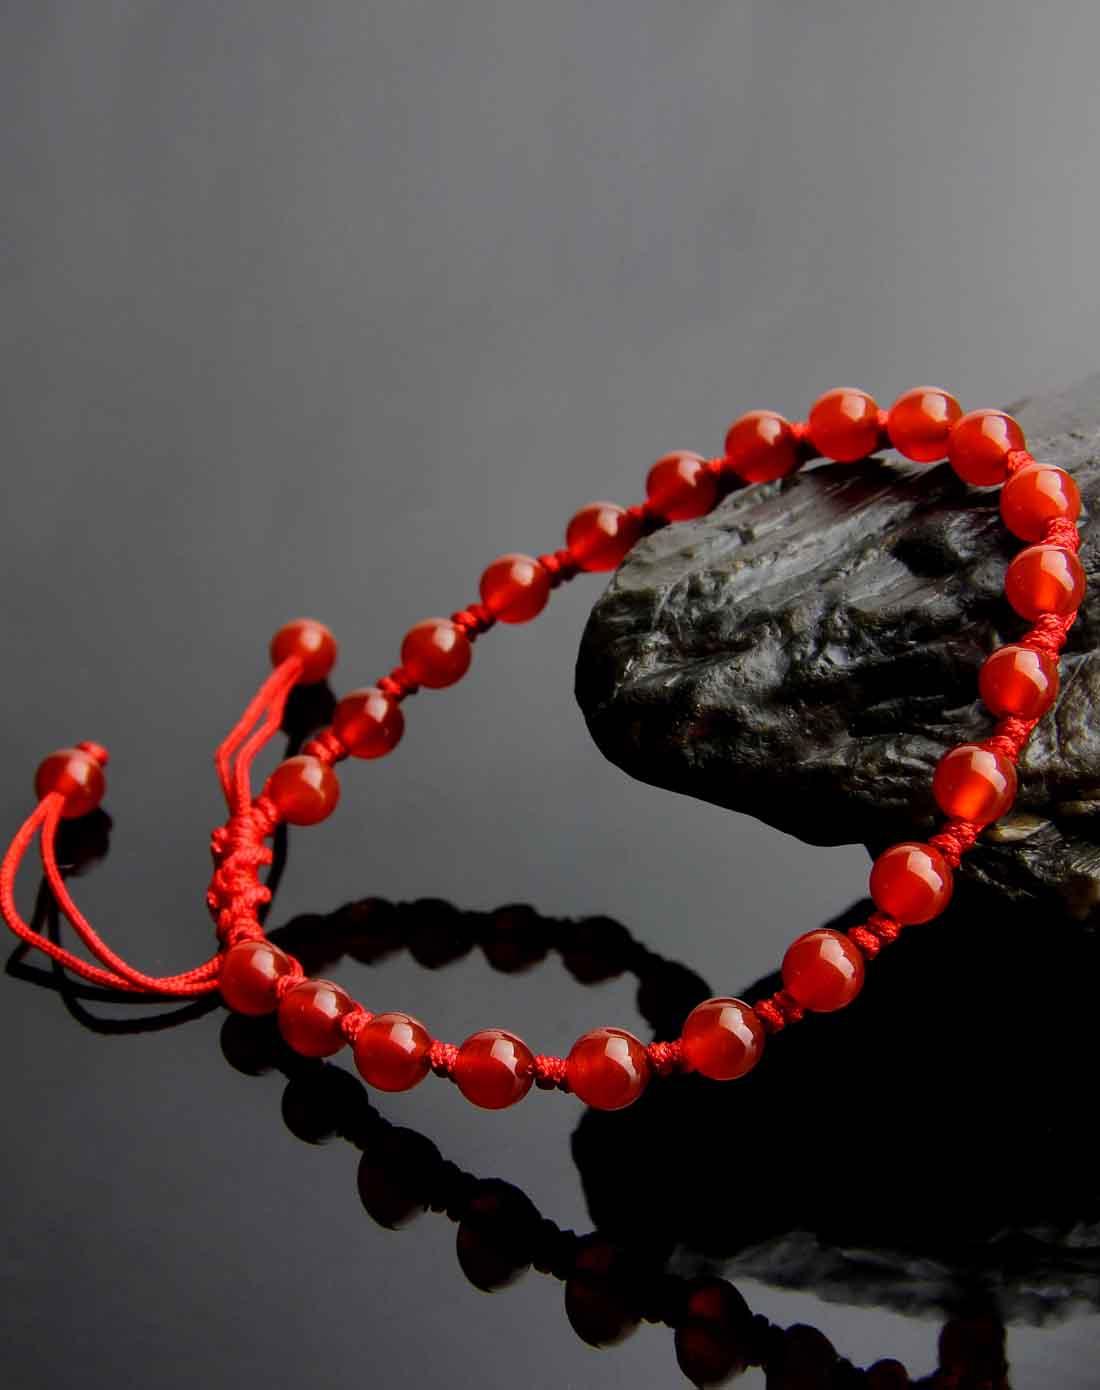 红玛瑙纯手工编绳嵌珠脚链附证书